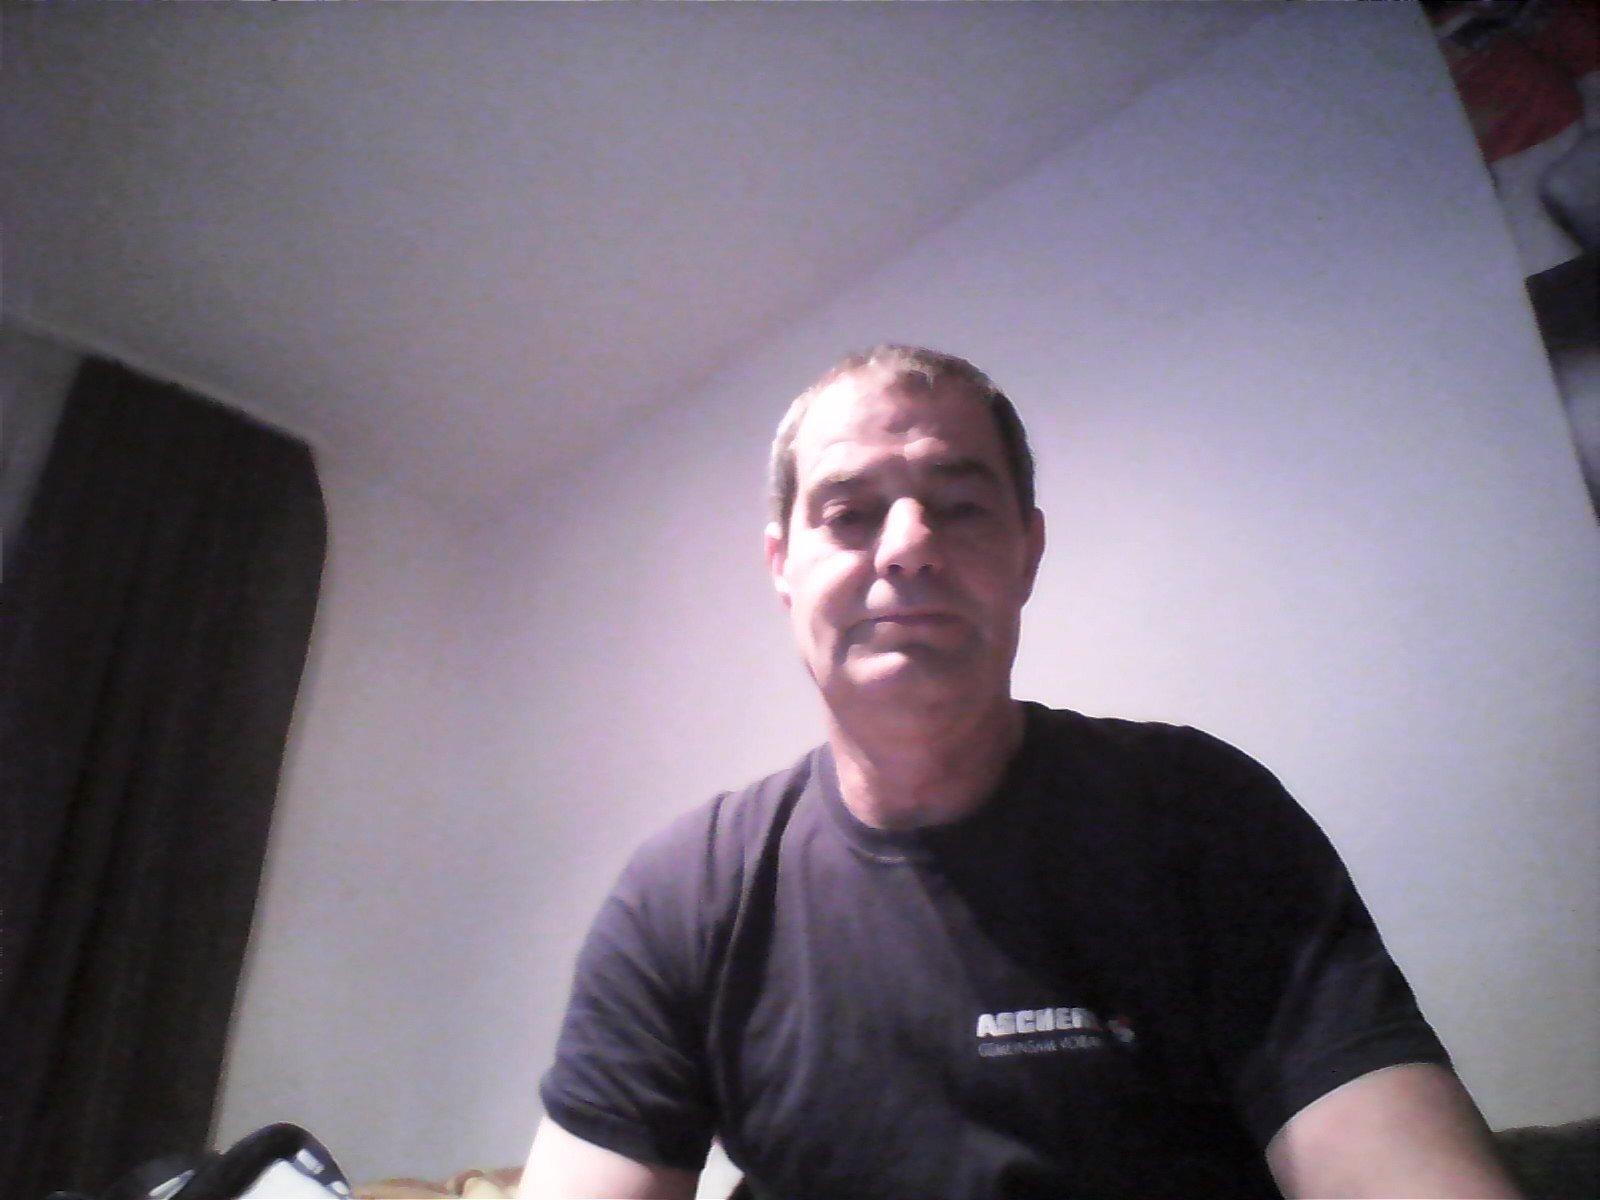 Peter der geile aus Nordrhein-Westfalen,Deutschland